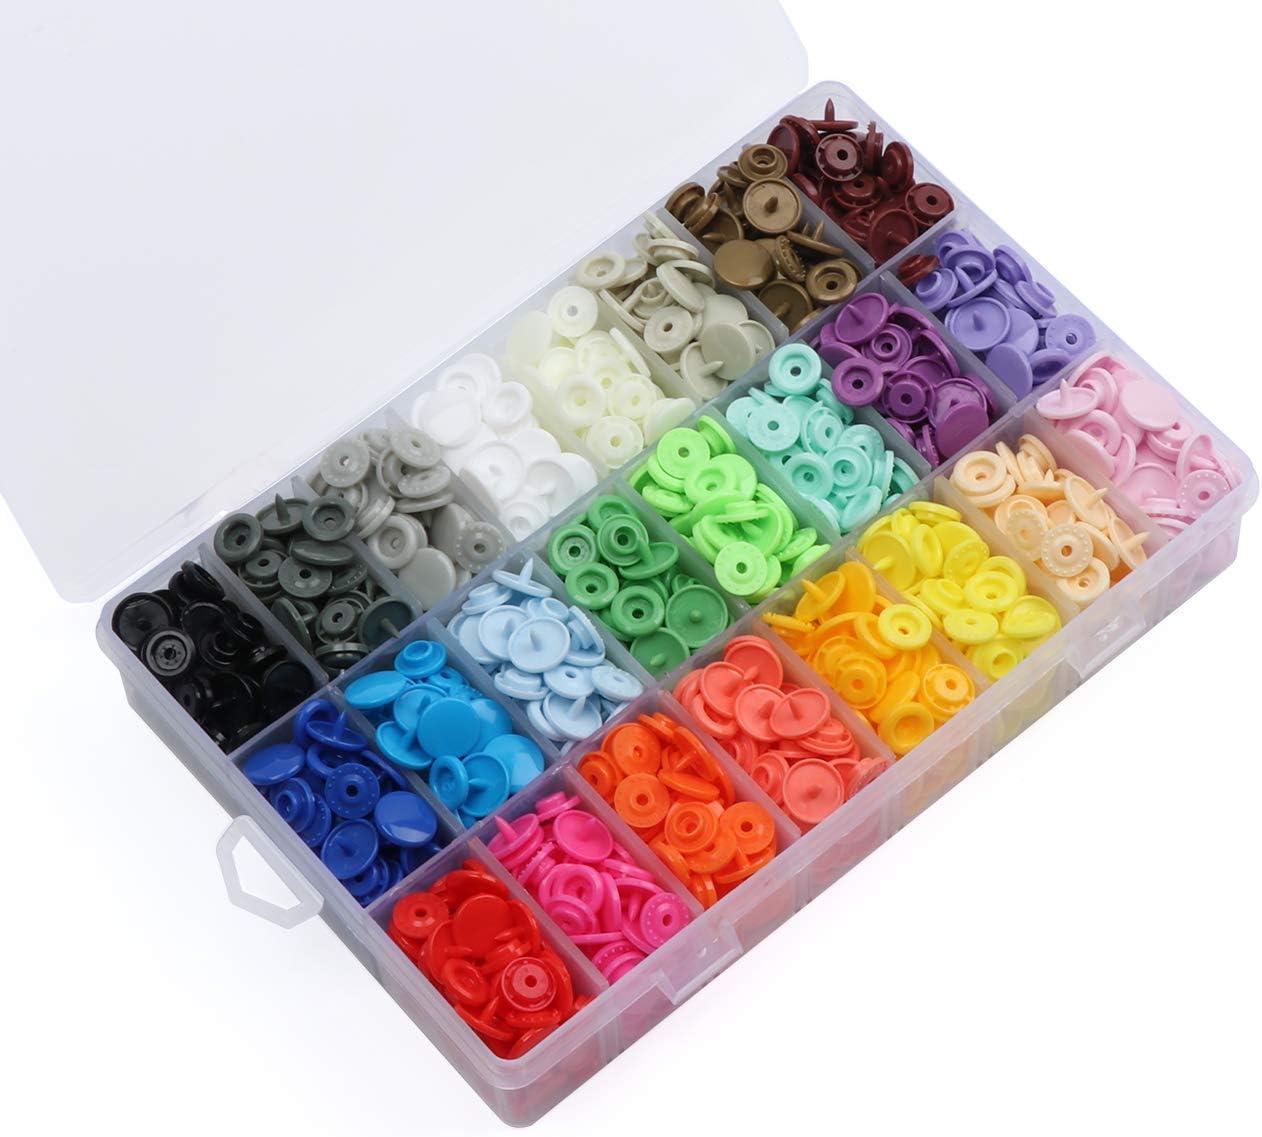 ilauke Botón Presión, 24 Colores de 408 Piezas de Plástico Presiones de 12 mm T5